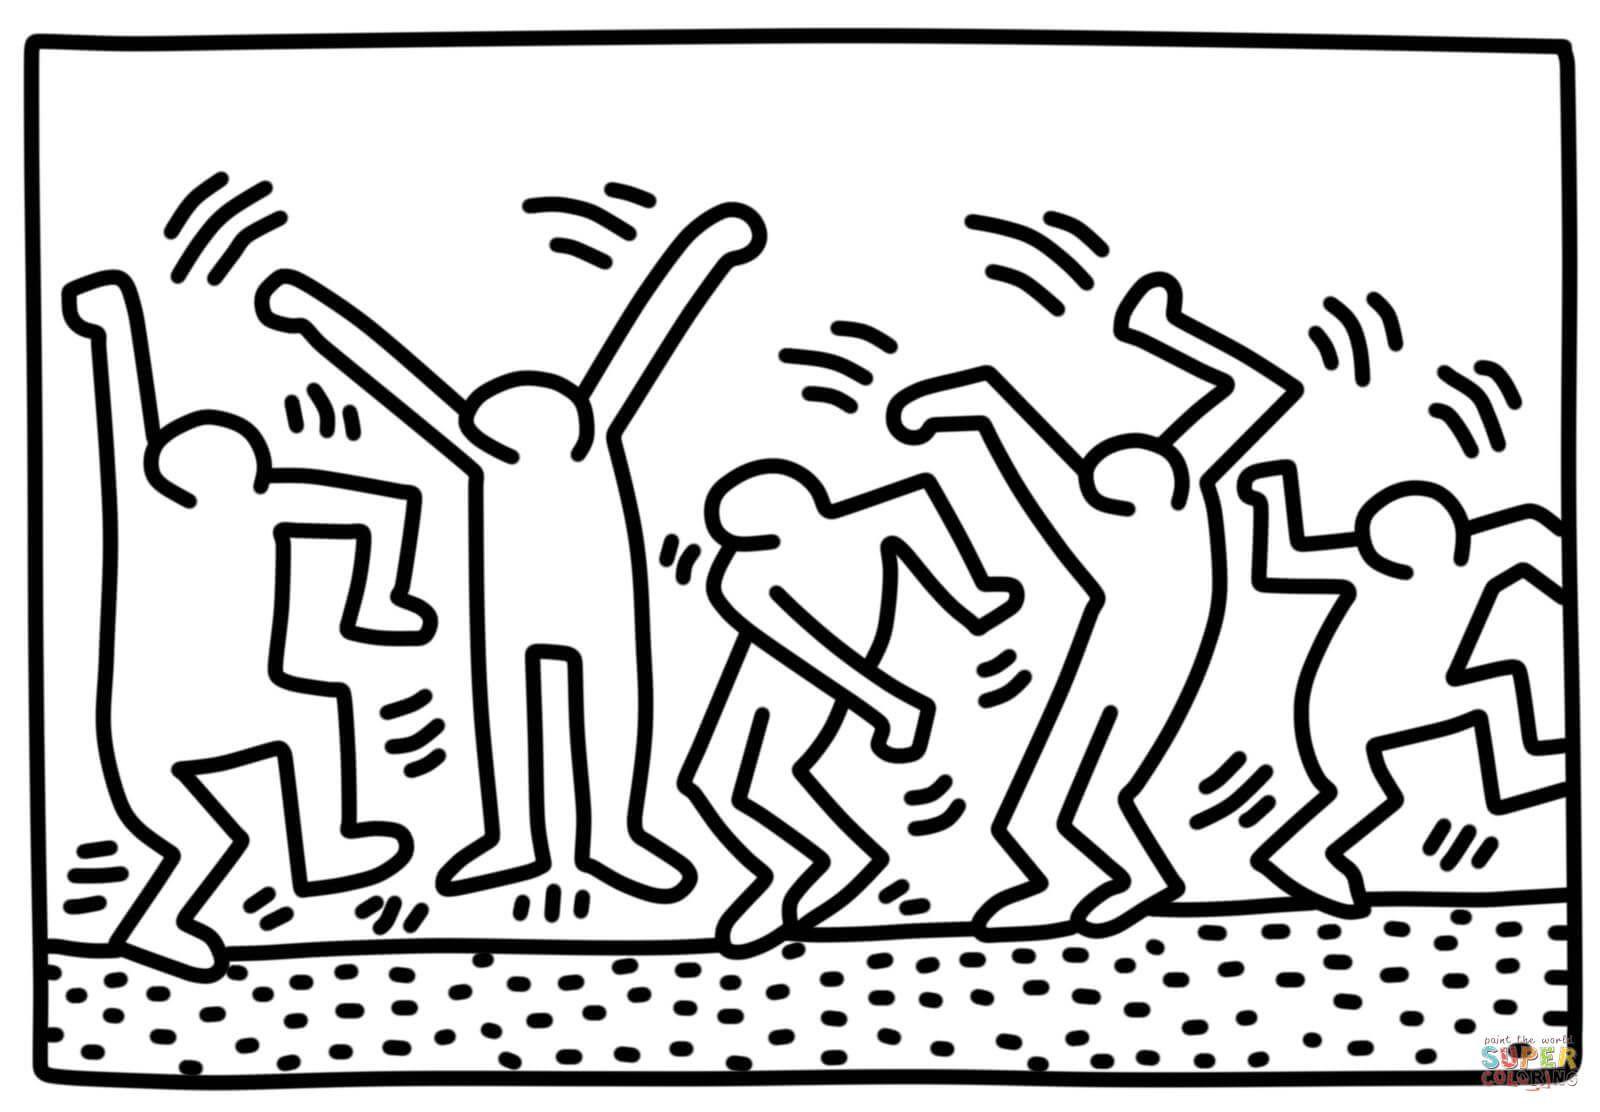 Bibi Und Tina Bilder Zum Drucken Neu 48 Ehrfürchtig Keith Haring Malvorlagen Ausdrucken Malvorlagen Das Bild